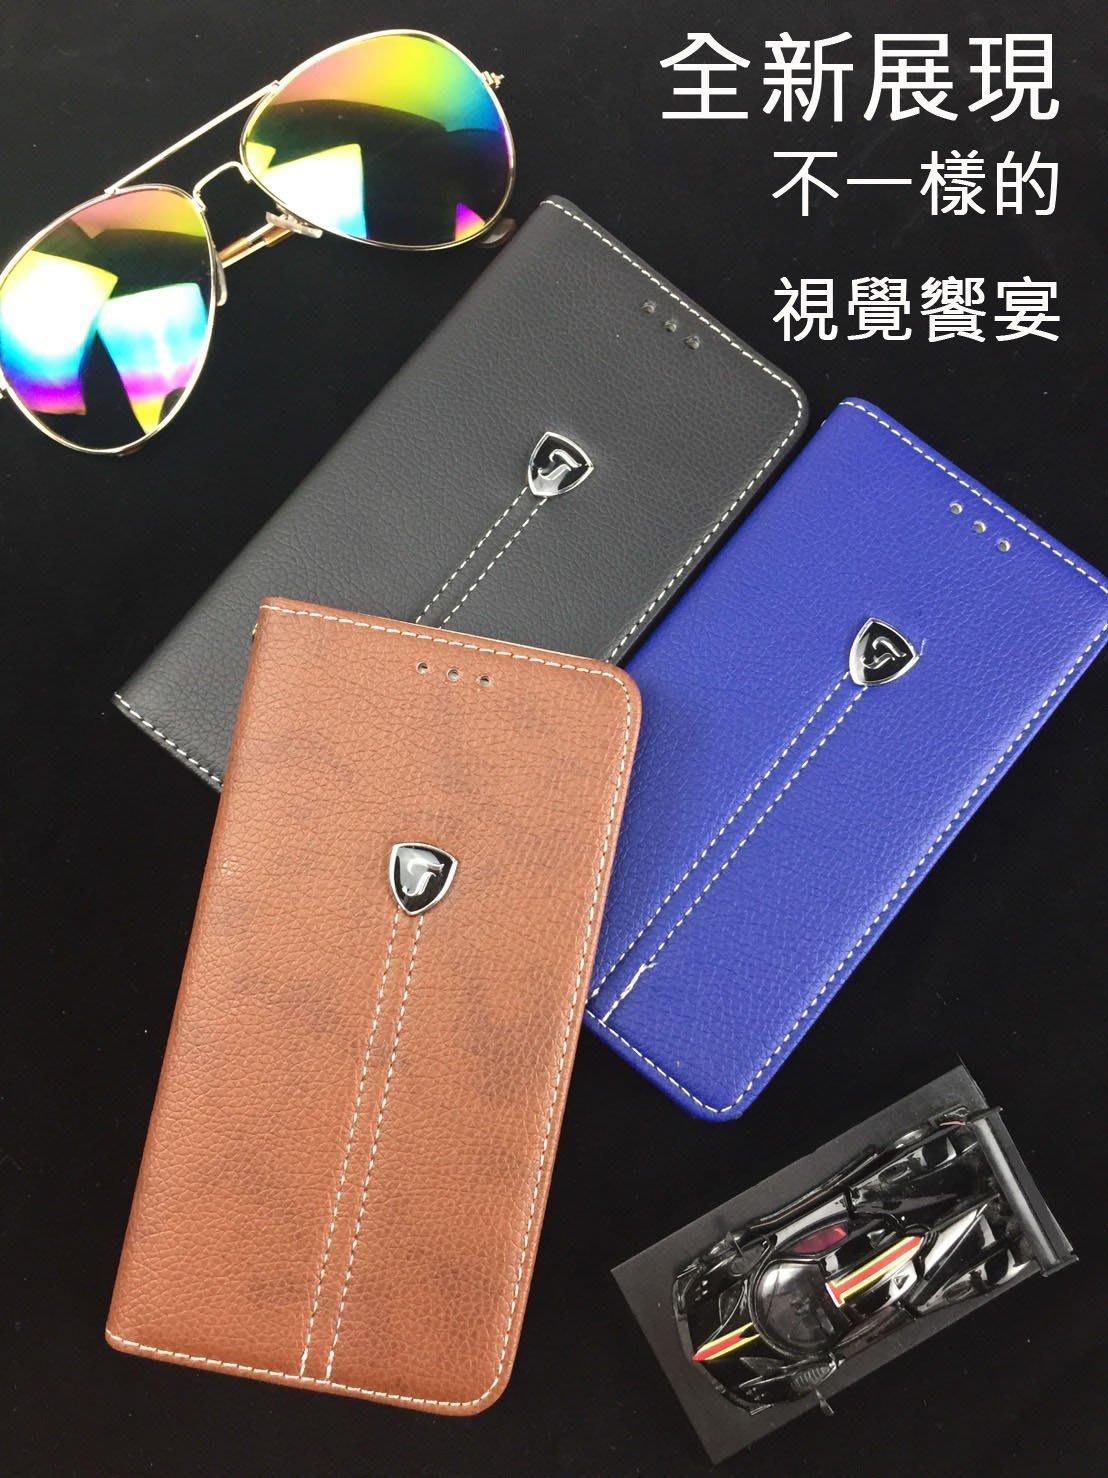 HTC Desire 20 Pro 19s 19+ 12+ 12s 12 EXODUS 1s 荔枝紋 手機皮套